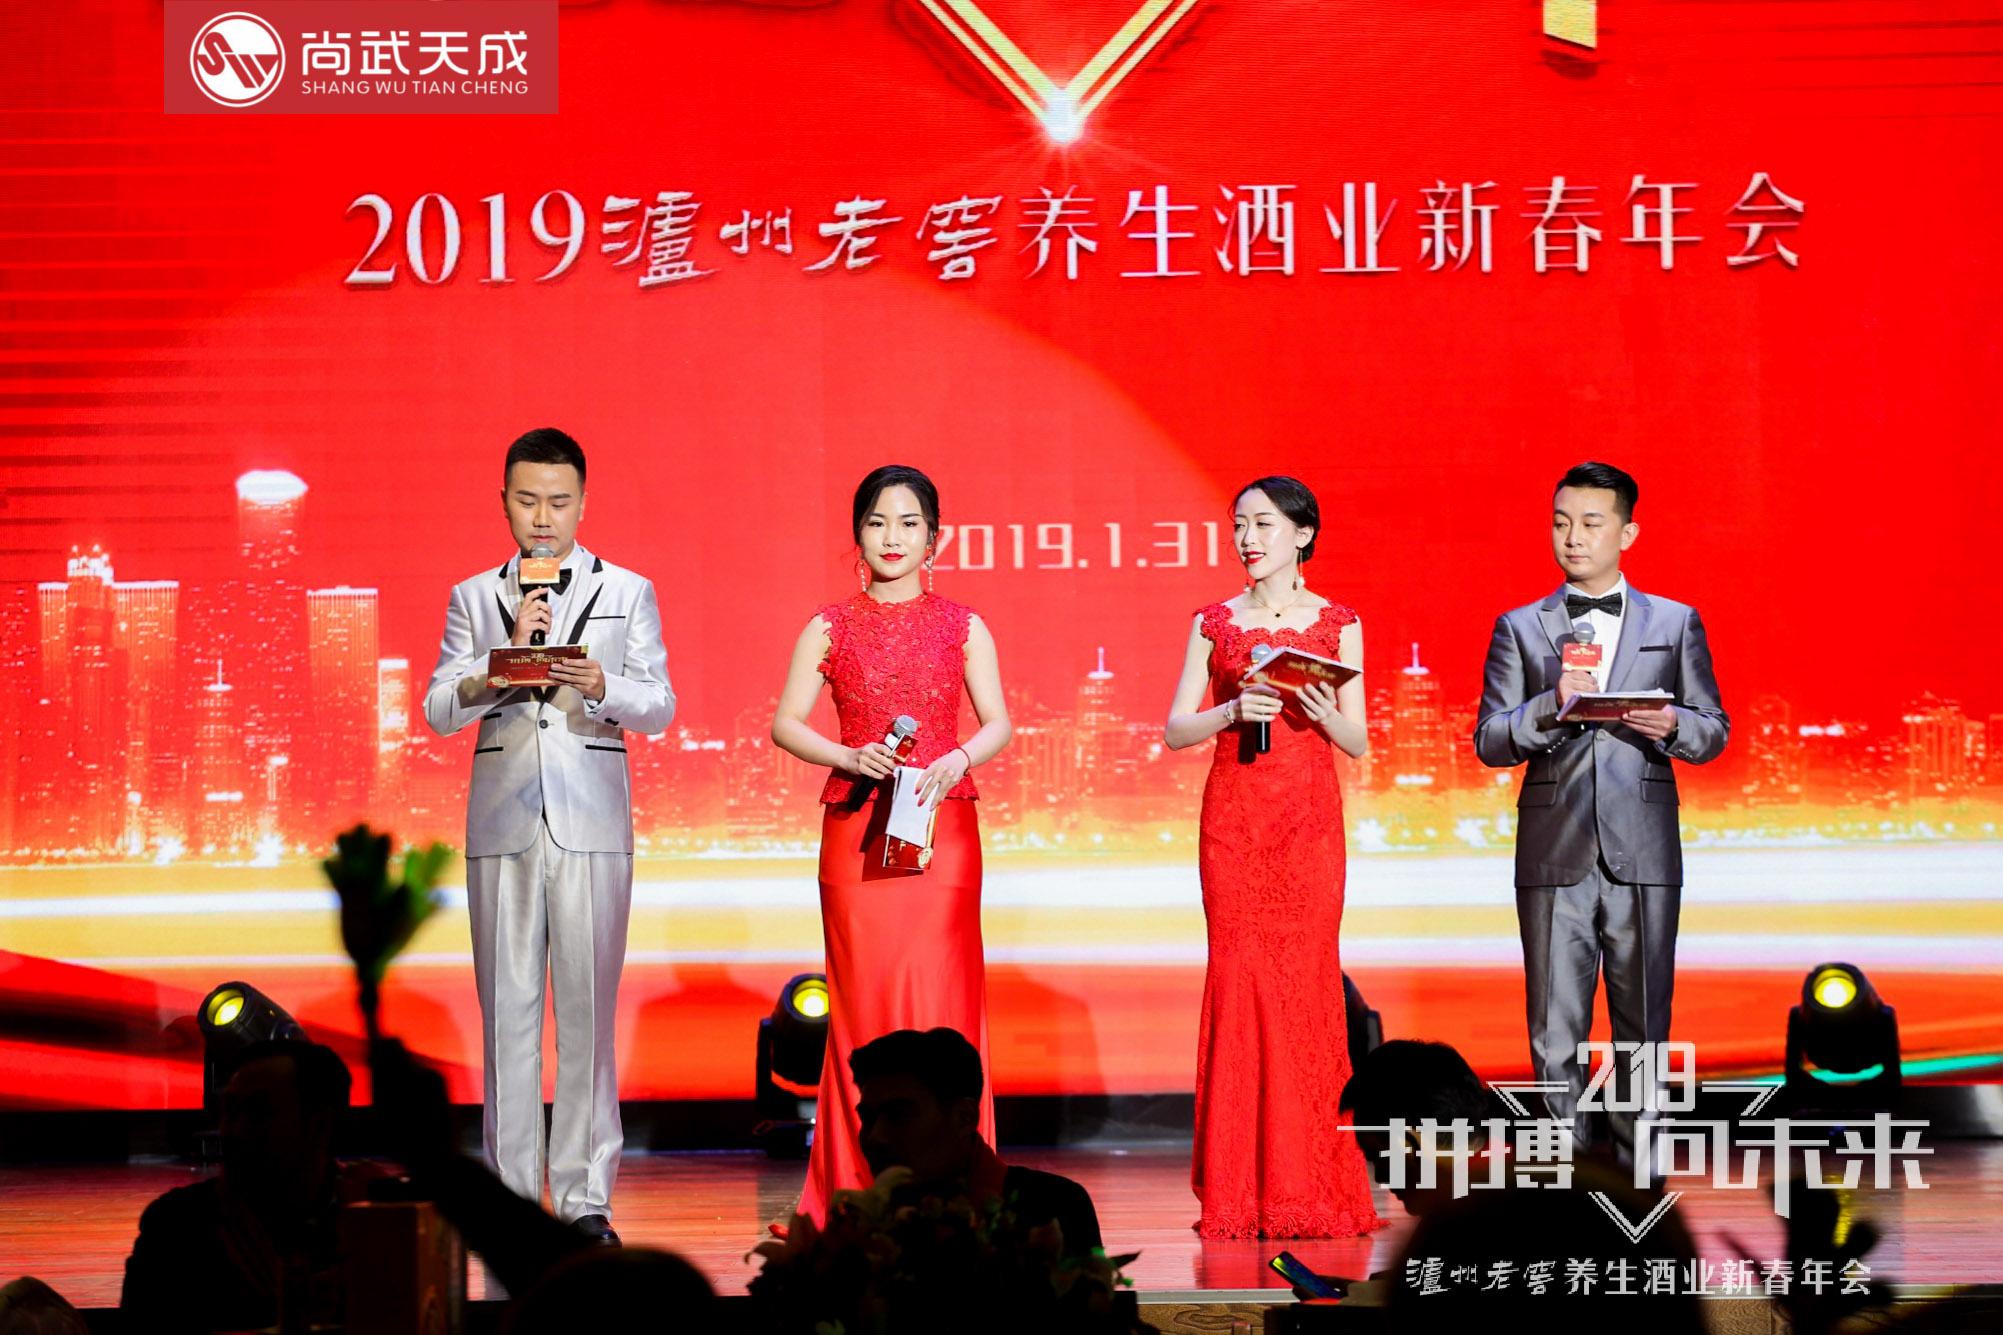 2019泸州老窖养生酒业新春年会(四川泸州)